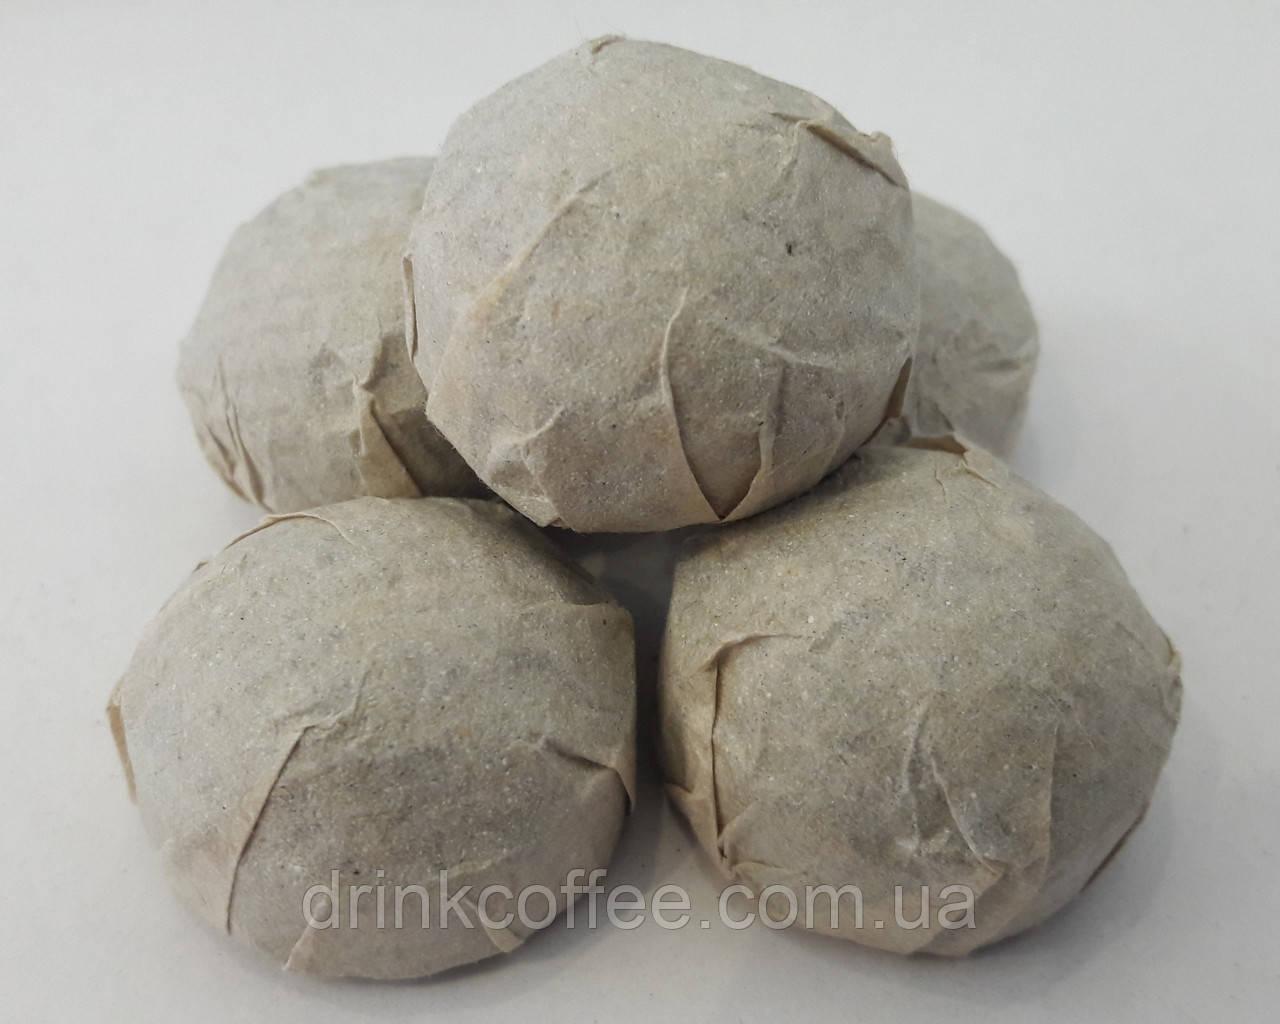 Чай черный Мини Туо Ча, 5-6g (1шт)